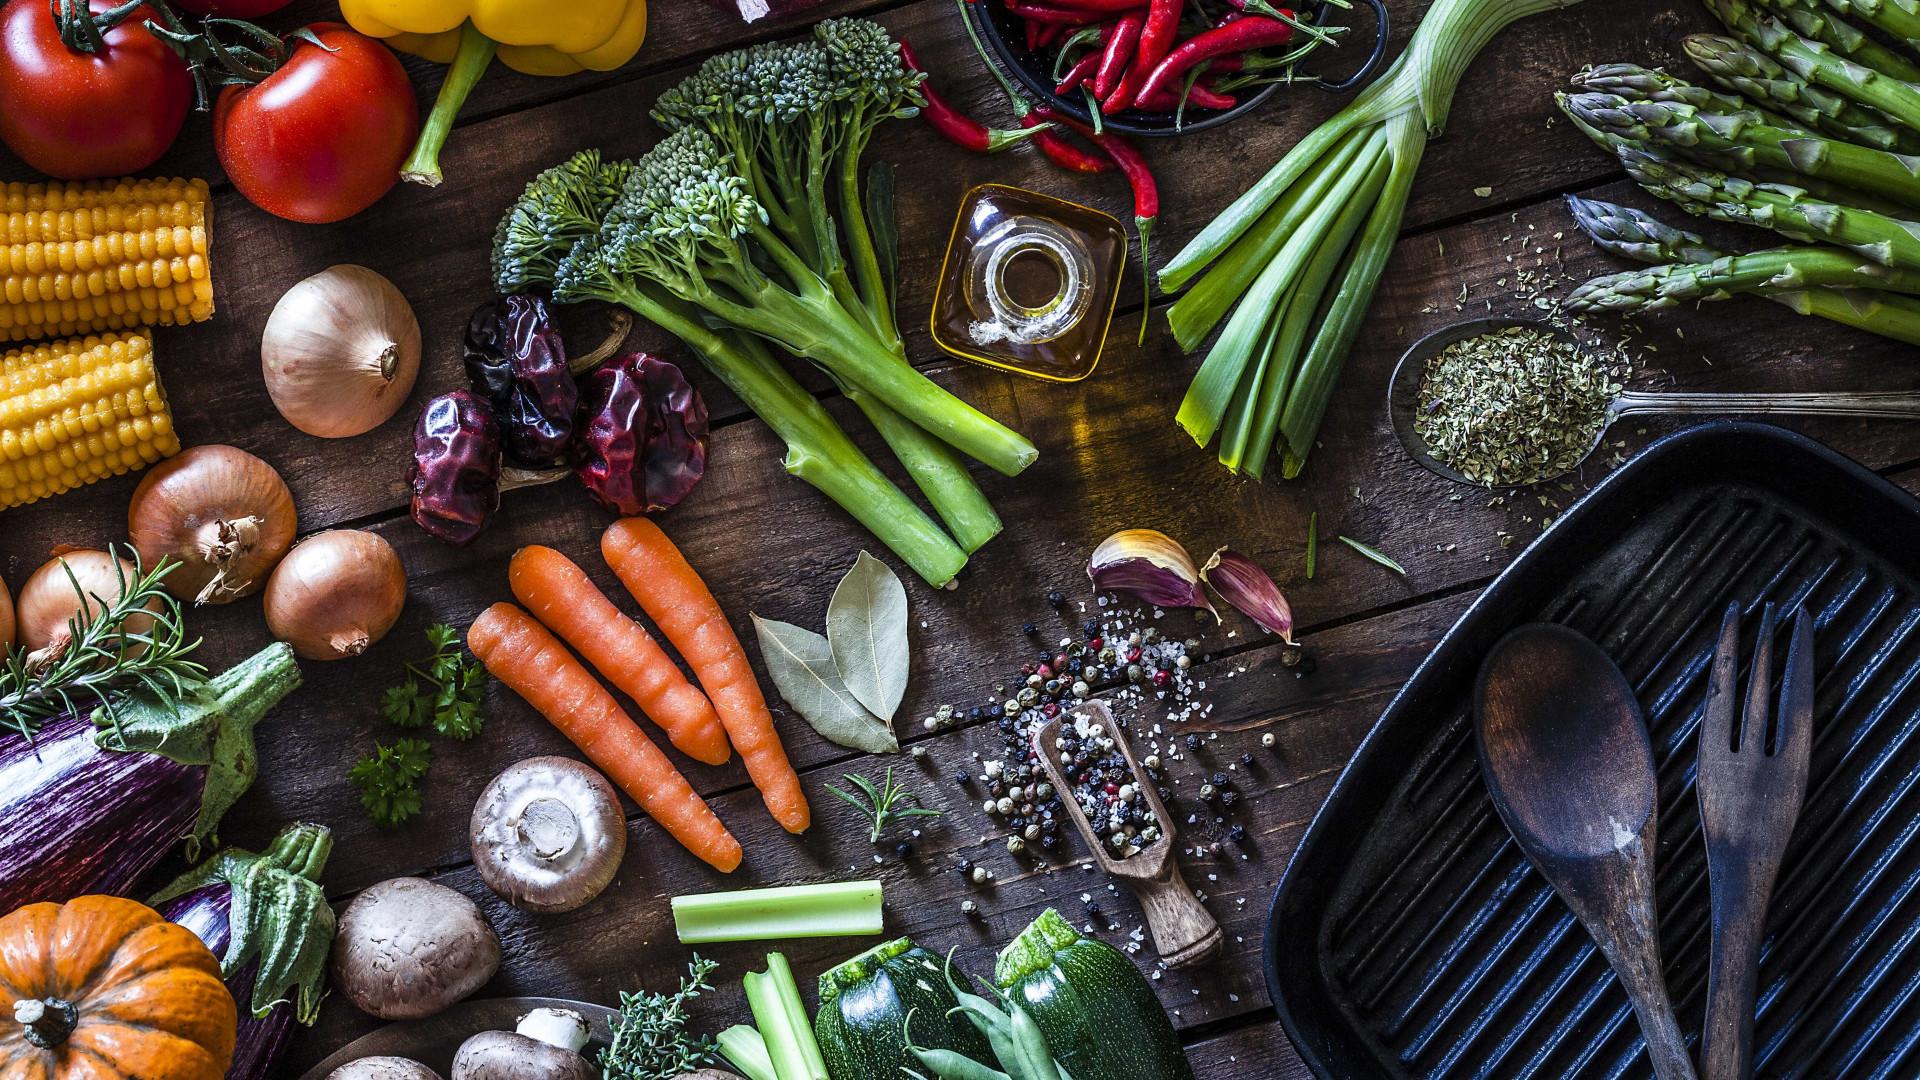 Sinergia dos compostos é chave para 'dieta anticâncer',diz especialista